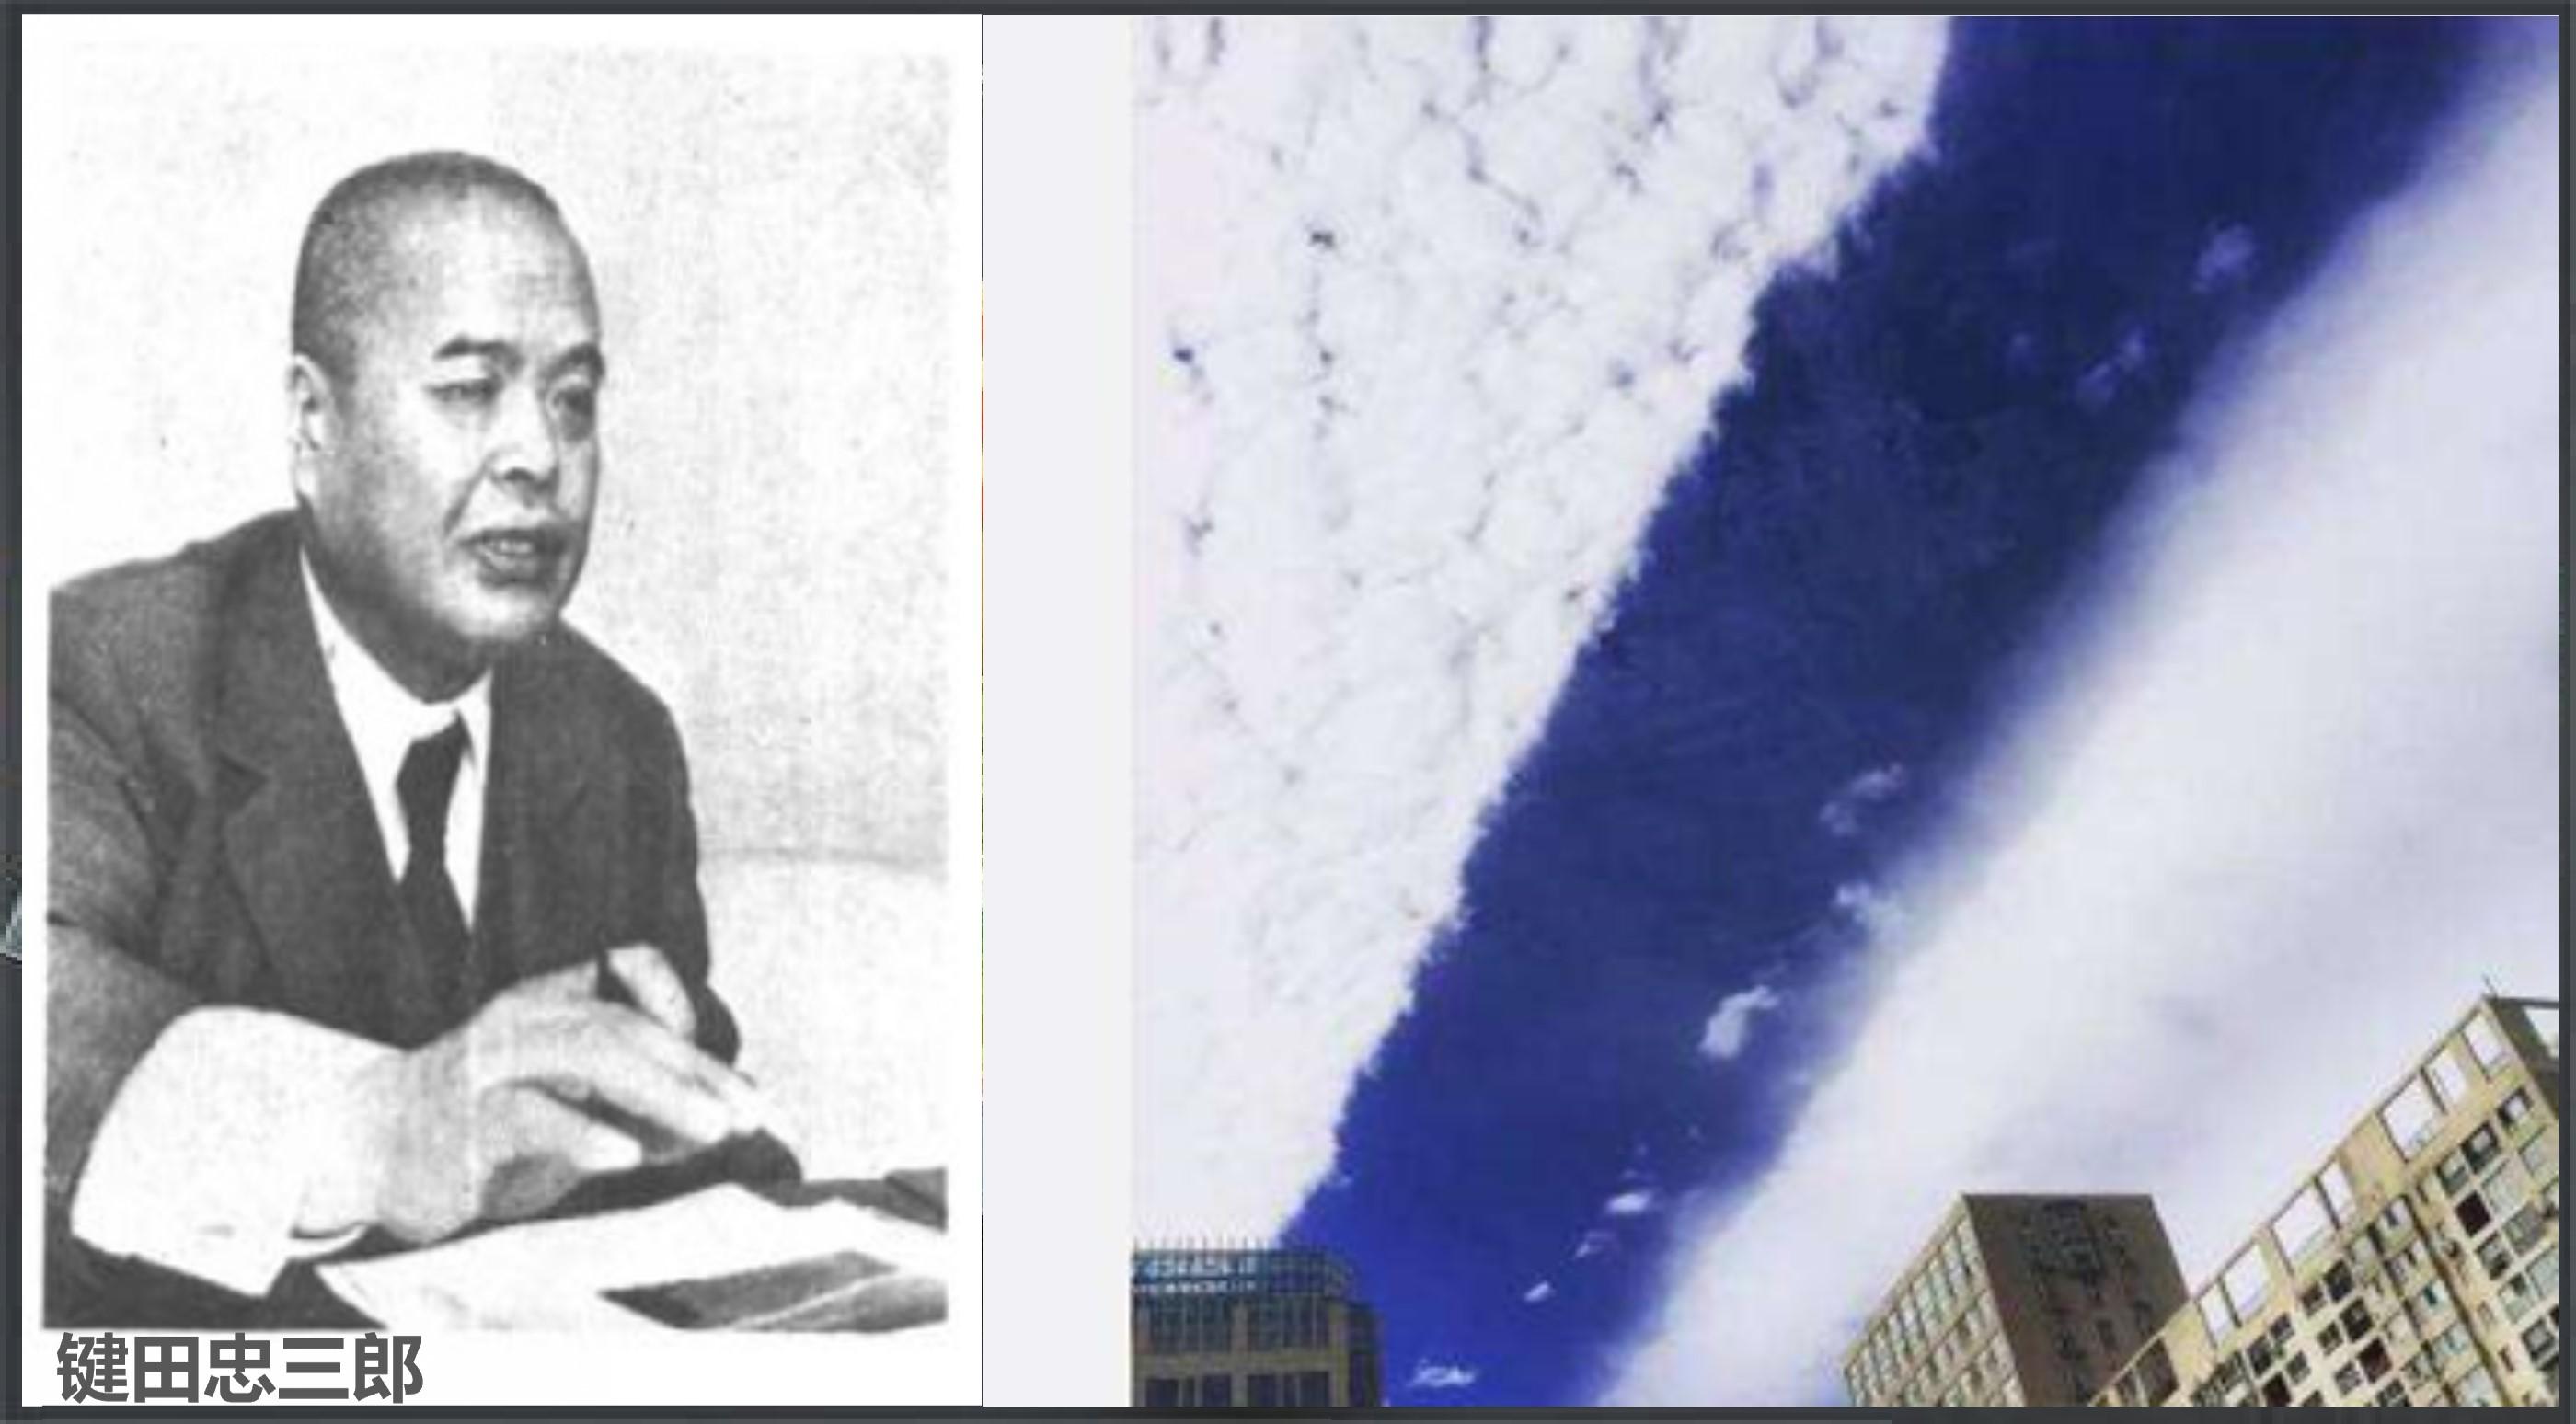 """什么是""""地震云"""",預測氣象還是地震,它存在的科學依據意味?"""